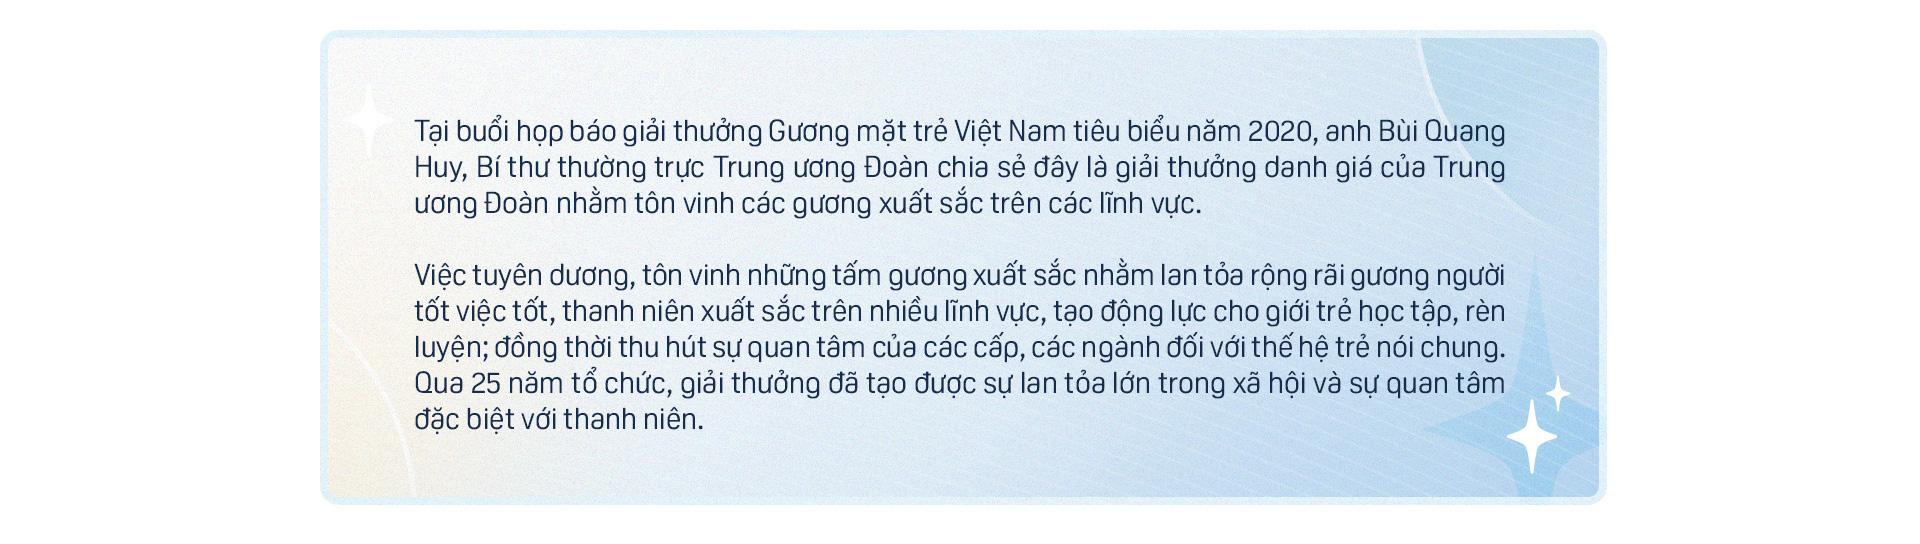 Tự hào xướng tên Việt Nam trên đấu trường quốc tế - Ảnh 1.